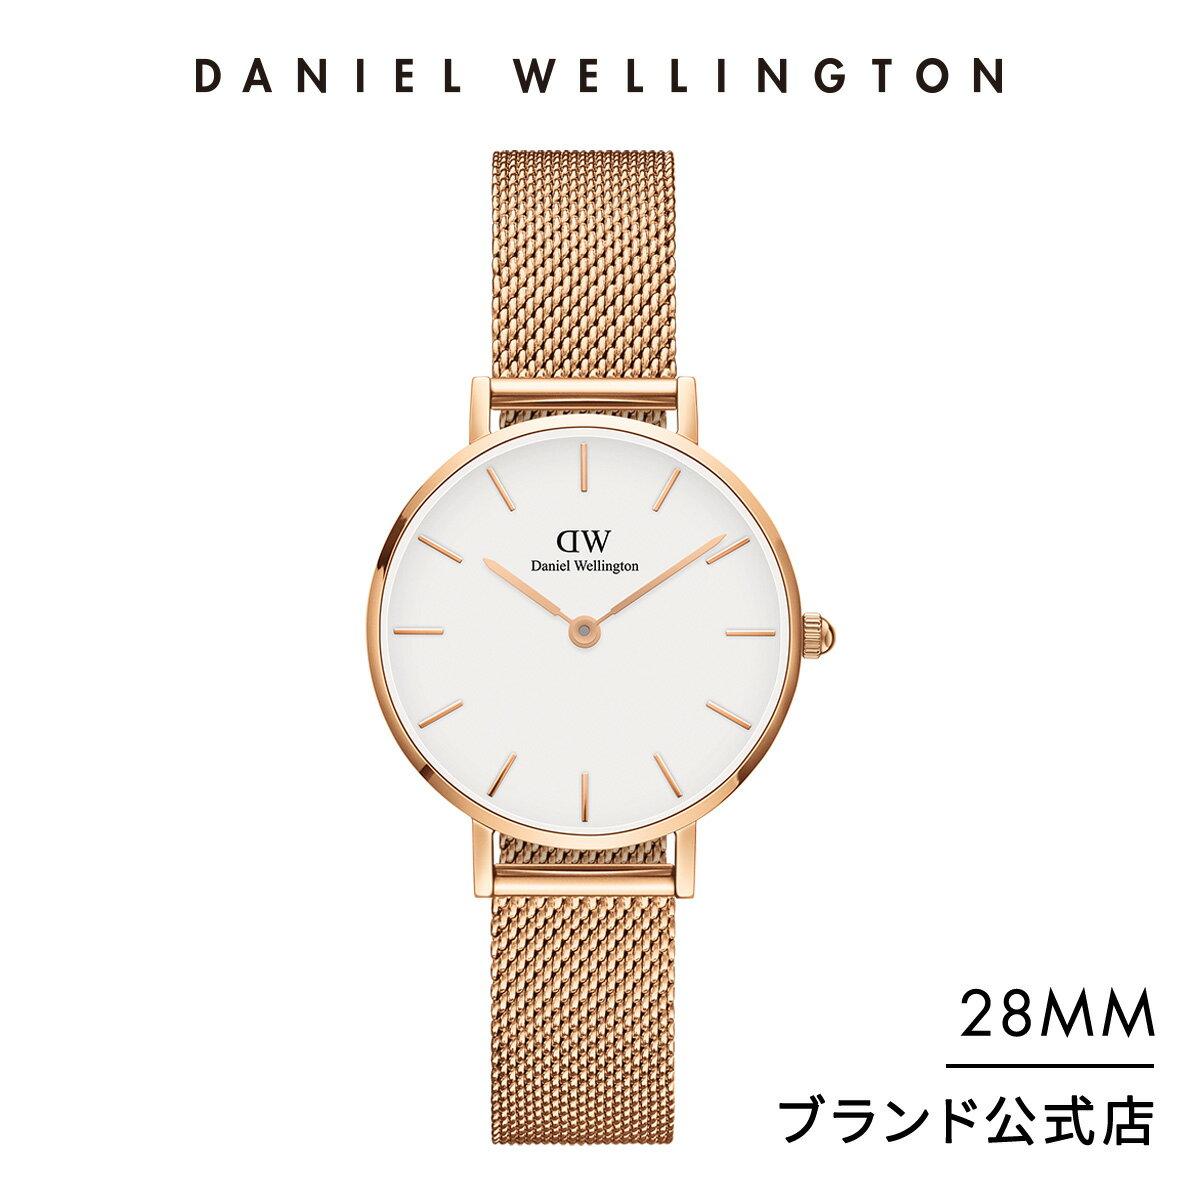 【公式2年保証/送料無料】ダニエルウェリントン公式 レディース 腕時計 Classic Petite Melrose 28mm ベルト メッシュ クラシック ぺティート メルローズ DW プレゼント おしゃれ インスタ映え ブランド 彼女 彼氏 ペアスタイルに最適